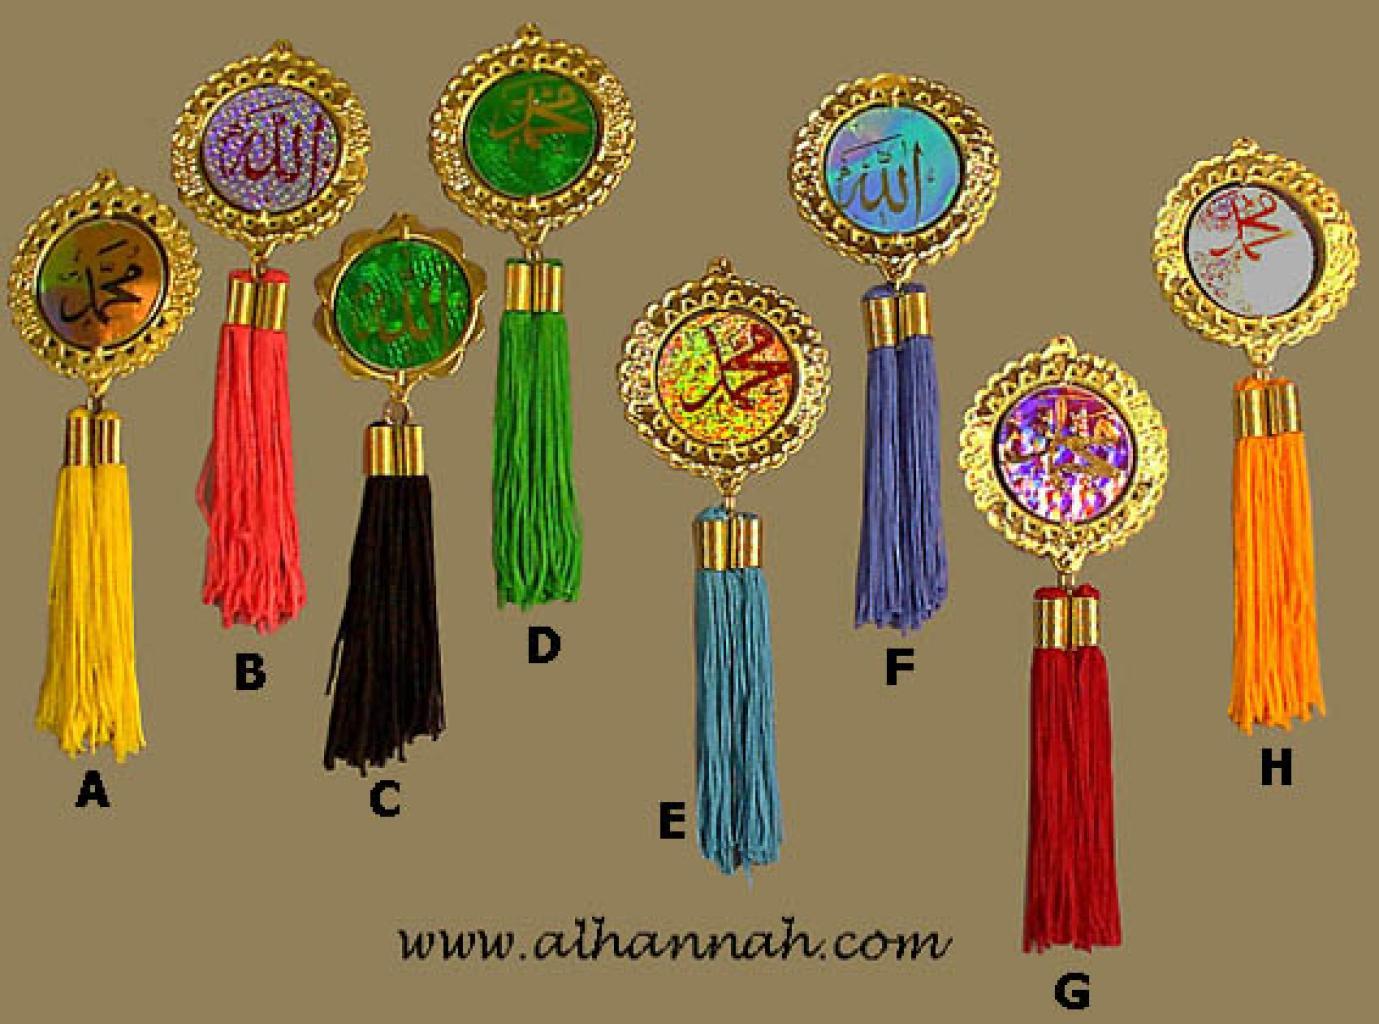 Islamic Ornament ii424